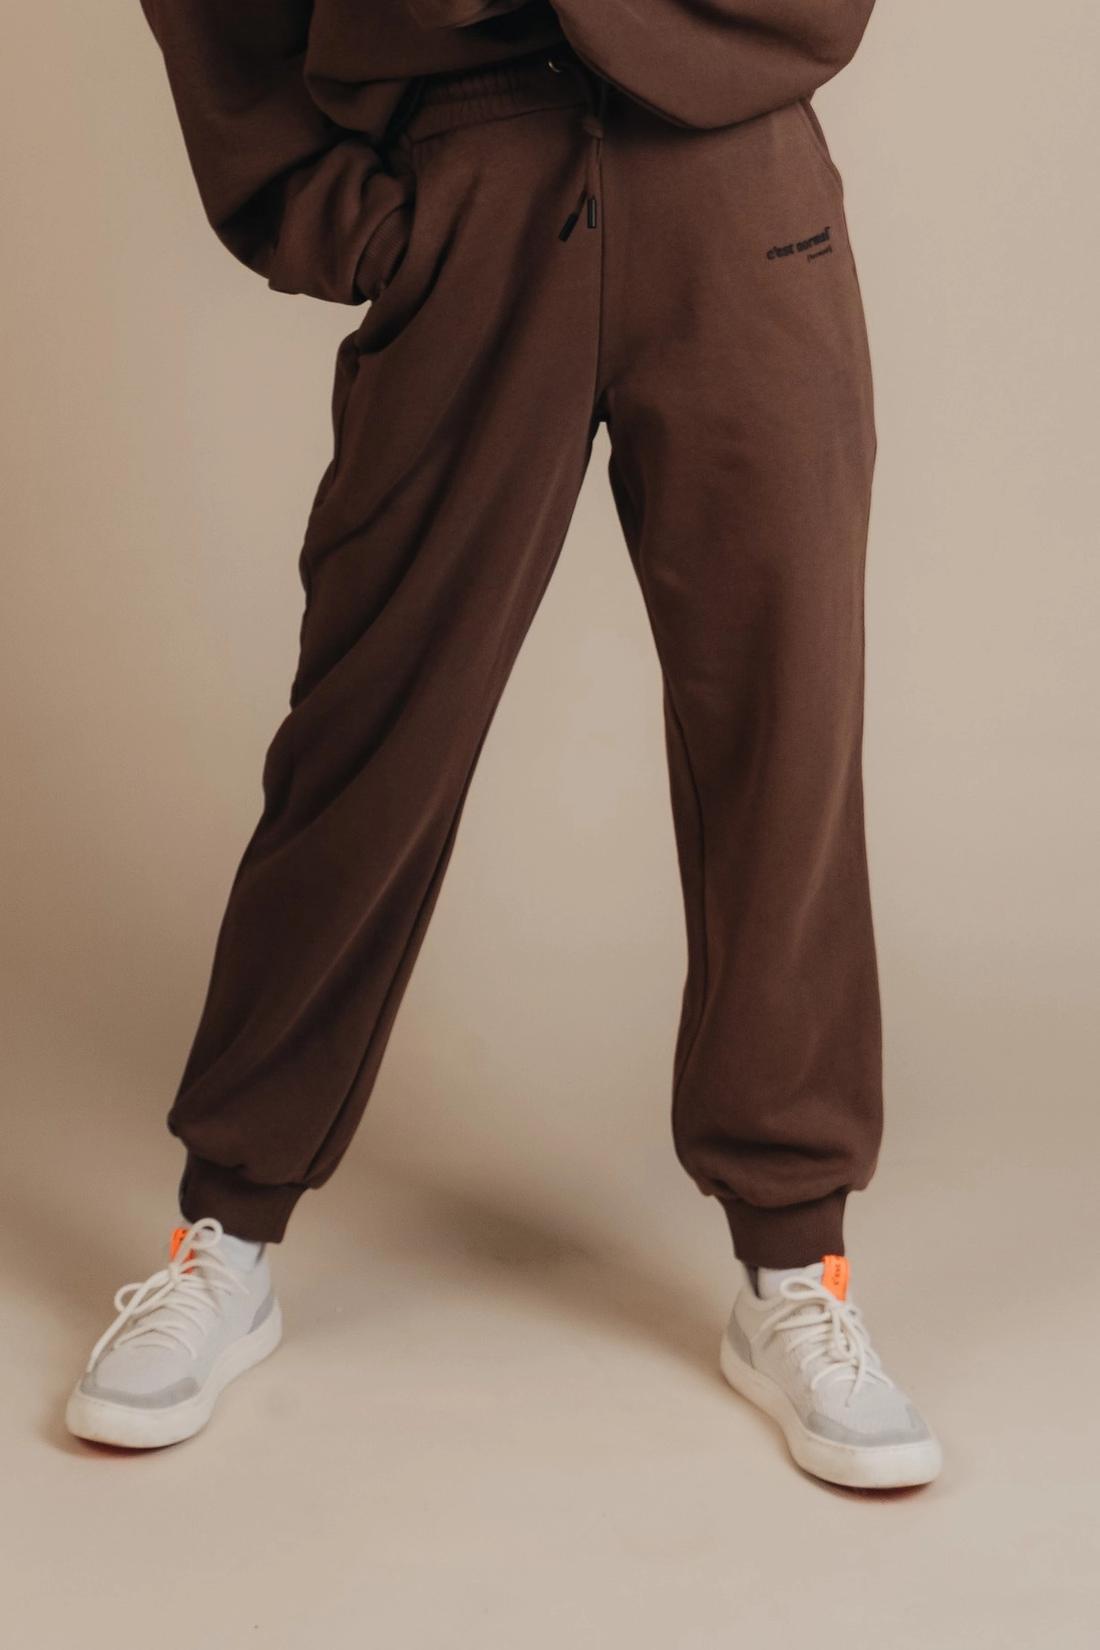 The Basic Sweatpants